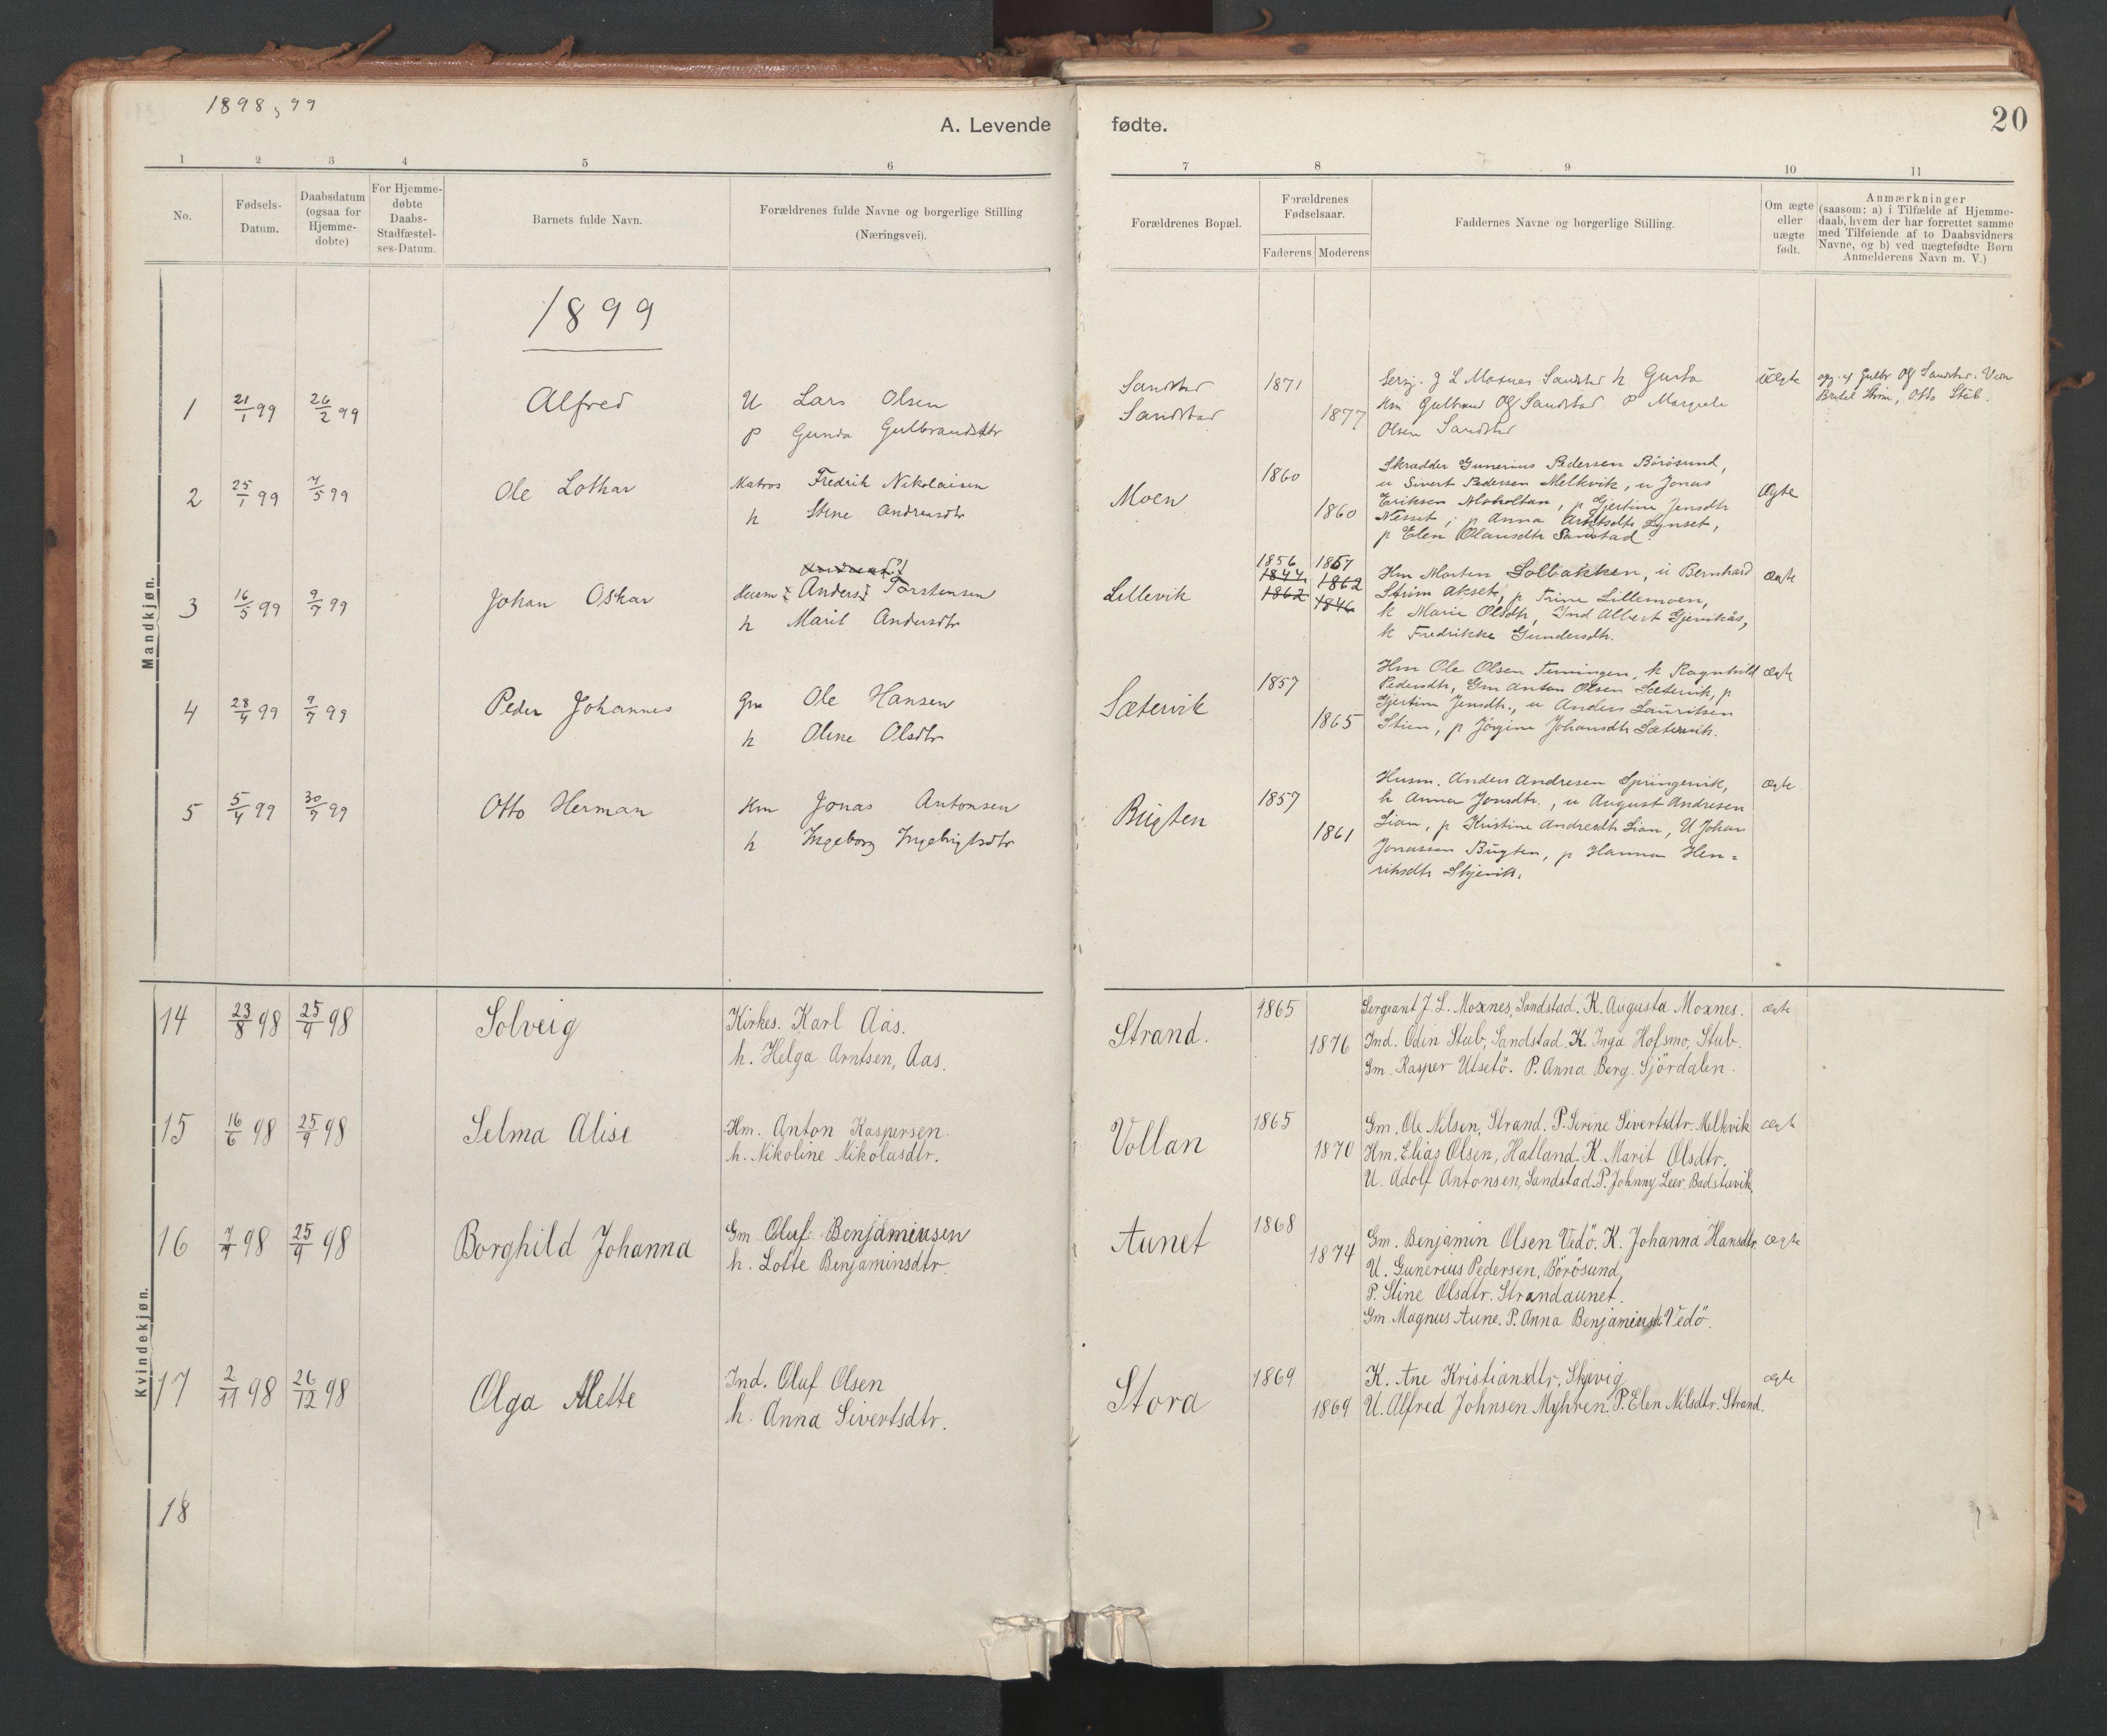 SAT, Ministerialprotokoller, klokkerbøker og fødselsregistre - Sør-Trøndelag, 639/L0572: Ministerialbok nr. 639A01, 1890-1920, s. 20